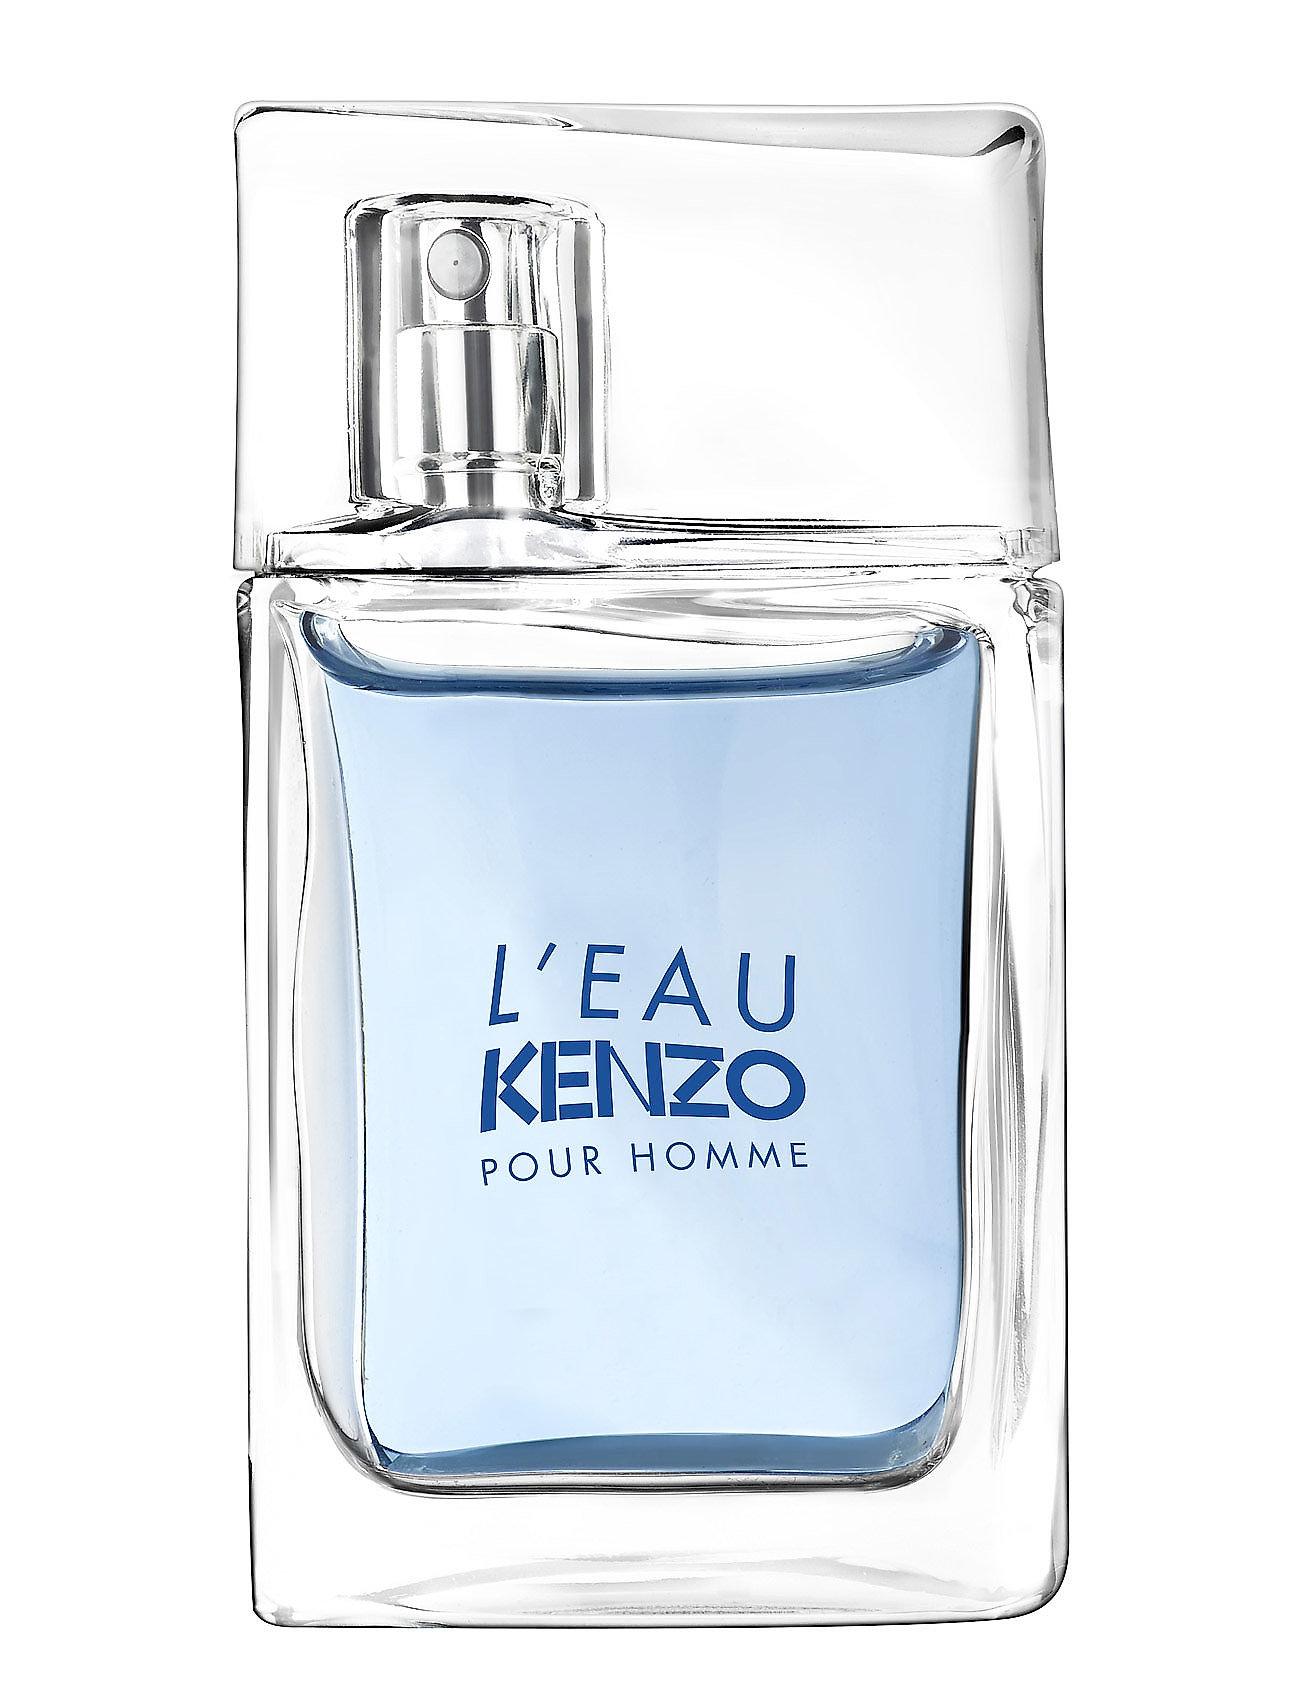 Kenzo leau kenzo pour homme eau de fra kenzo fragrance på boozt.com dk